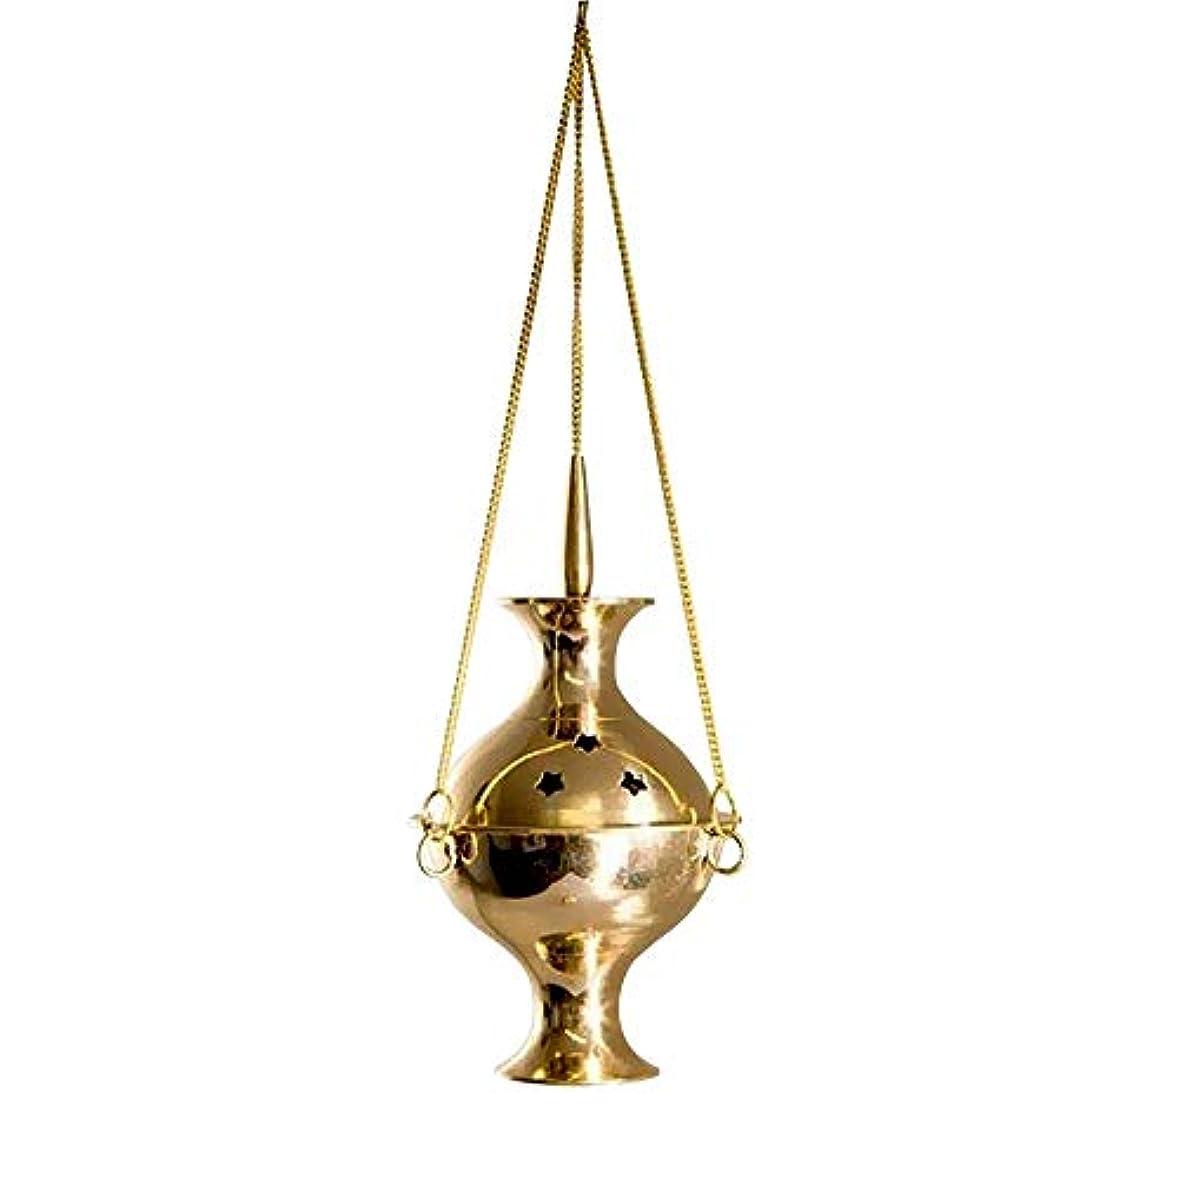 精神マット海上カトリック香炉 吊り下げ式香炉 チャコール 6インチ 真鍮 吊り下げ 香炉 炭 香炉 バーナー 真鍮製 輝く仕上げで適切な燃焼に役立ちます。